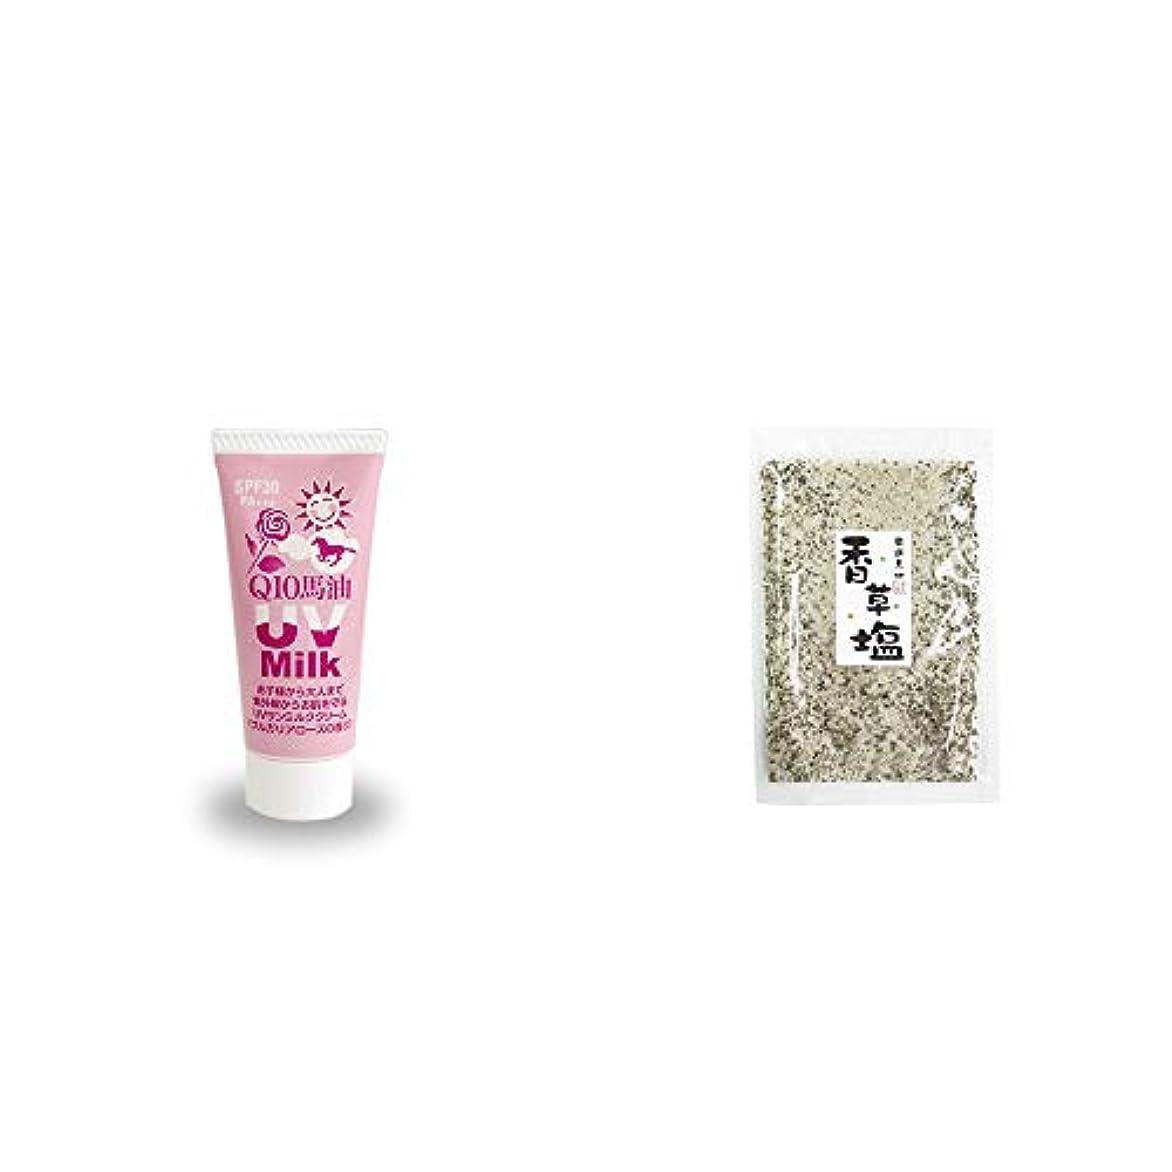 [2点セット] 炭黒泉 Q10馬油 UVサンミルク[ブルガリアローズ](40g)?香草塩 [袋タイプ](100g)